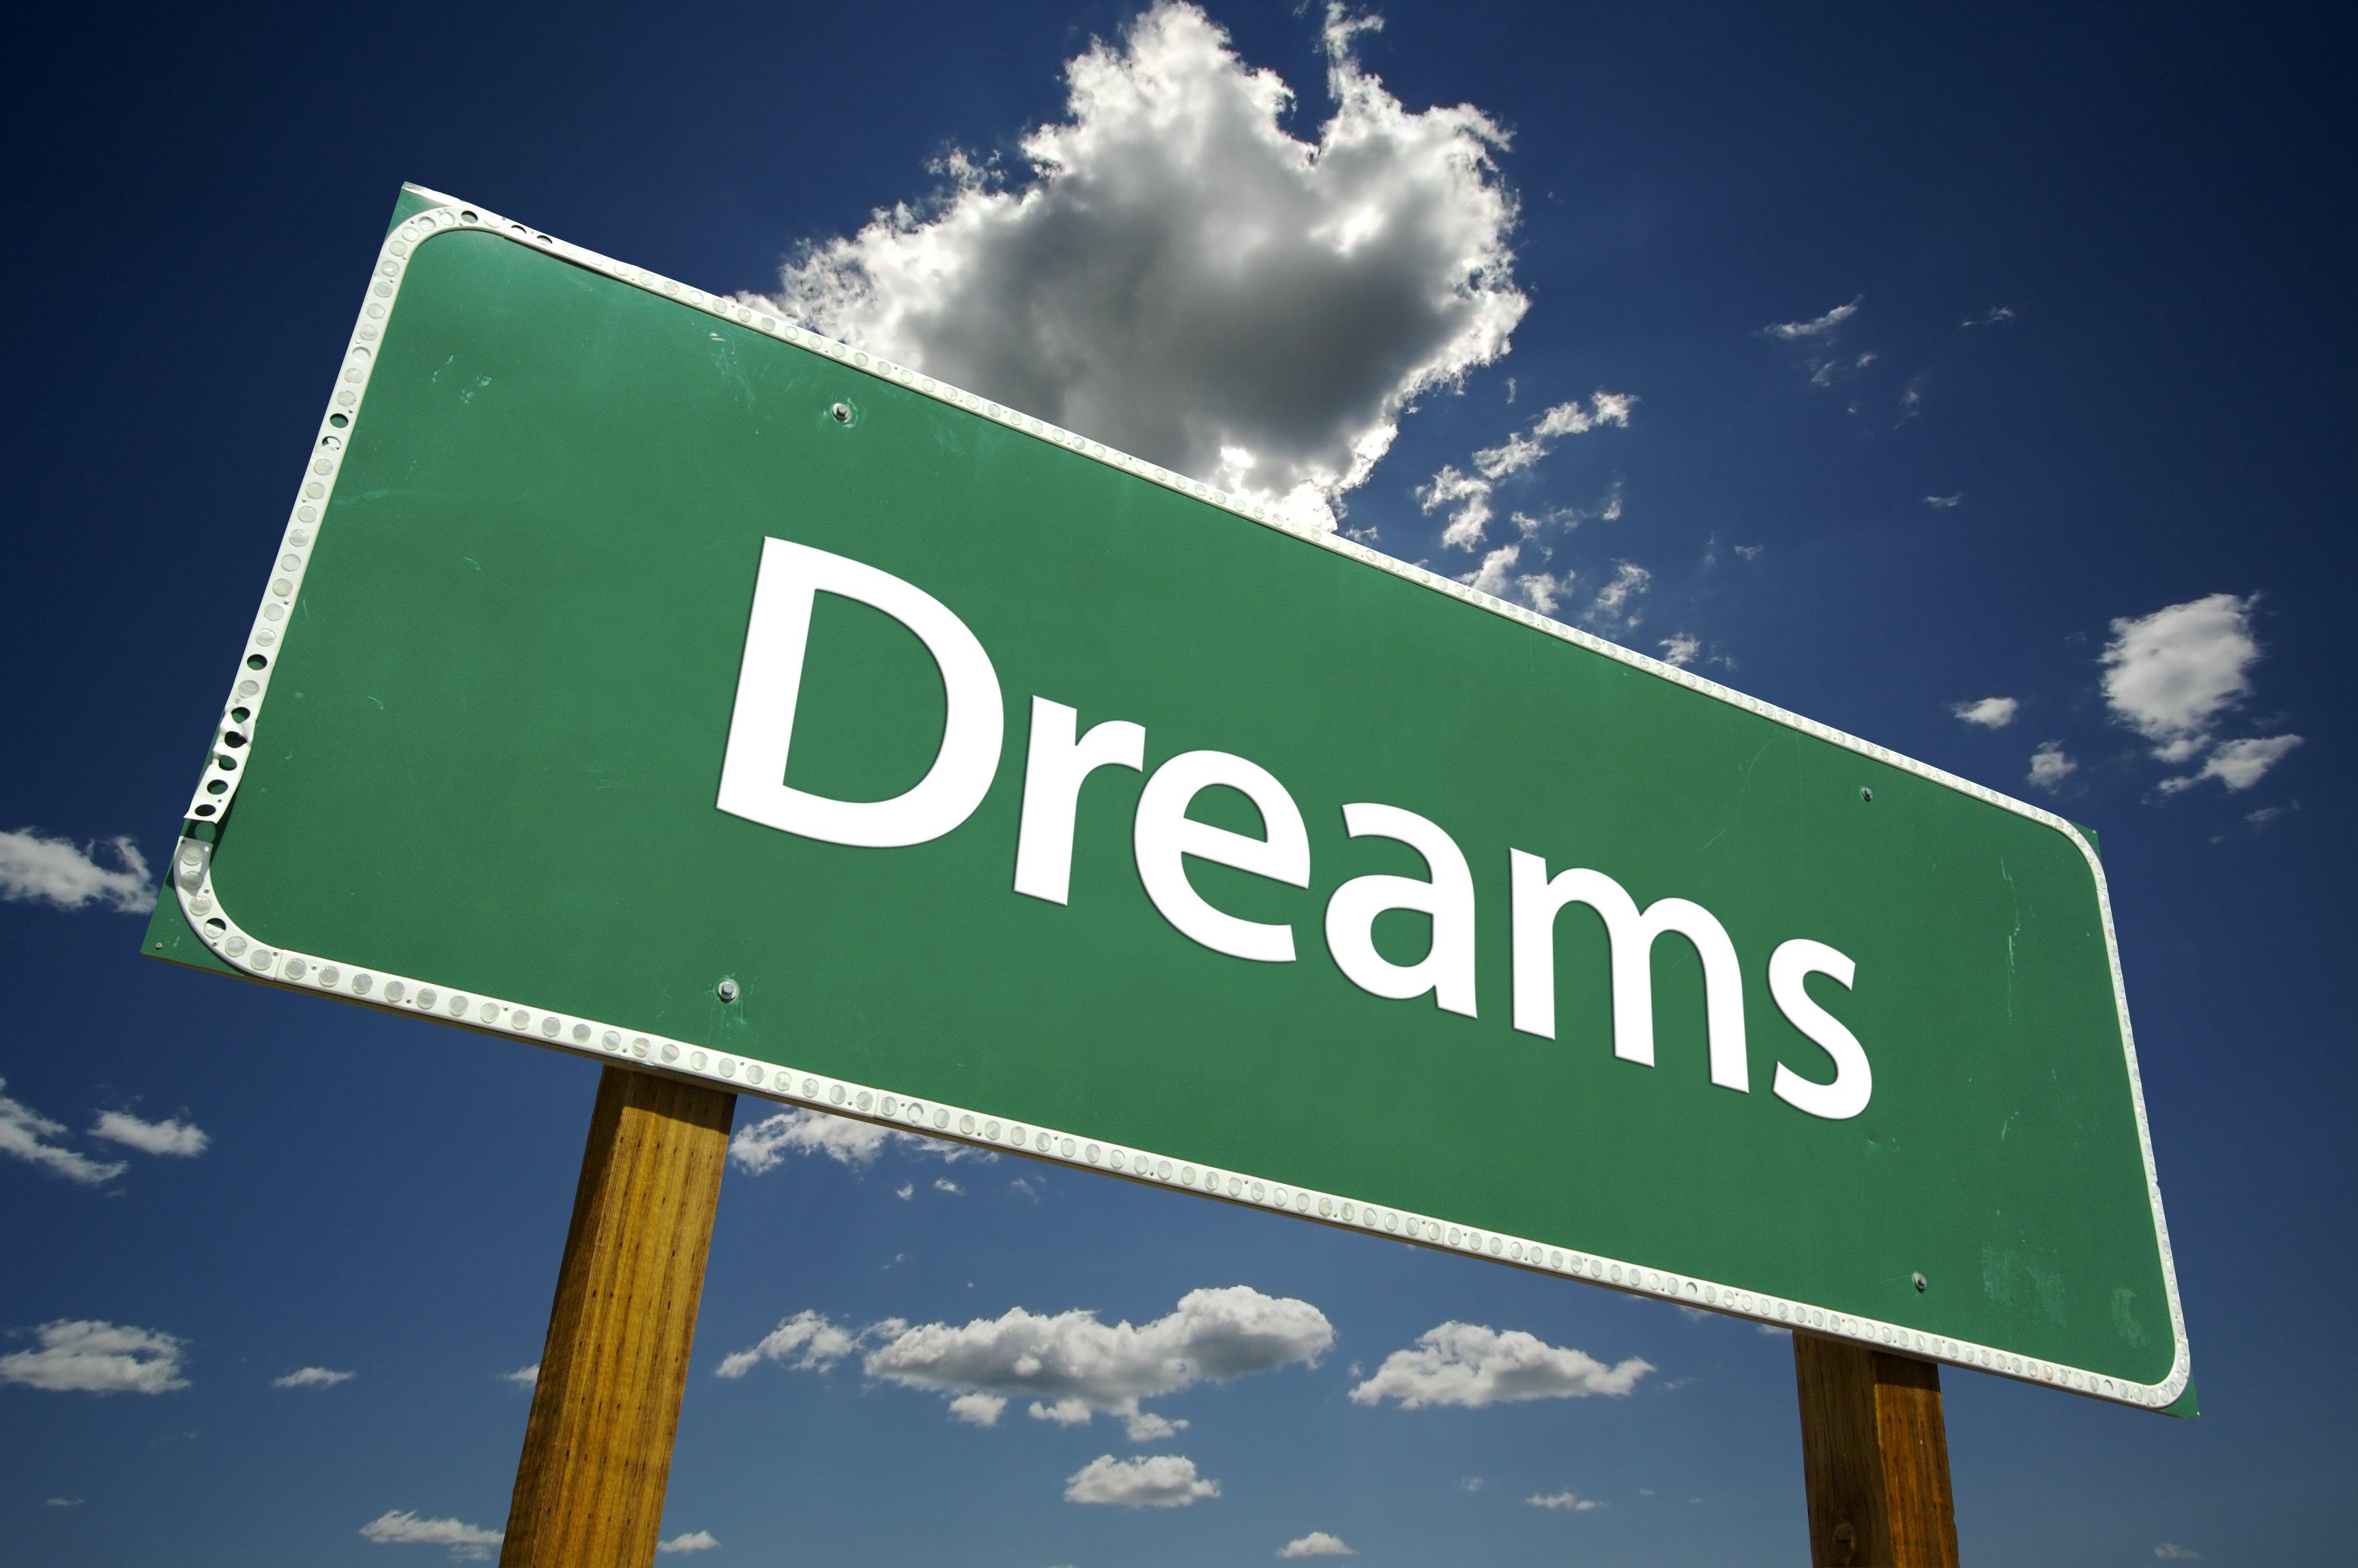 какова ваша мечта? и что вы делаете для ее осуществления?  - Изображение 1